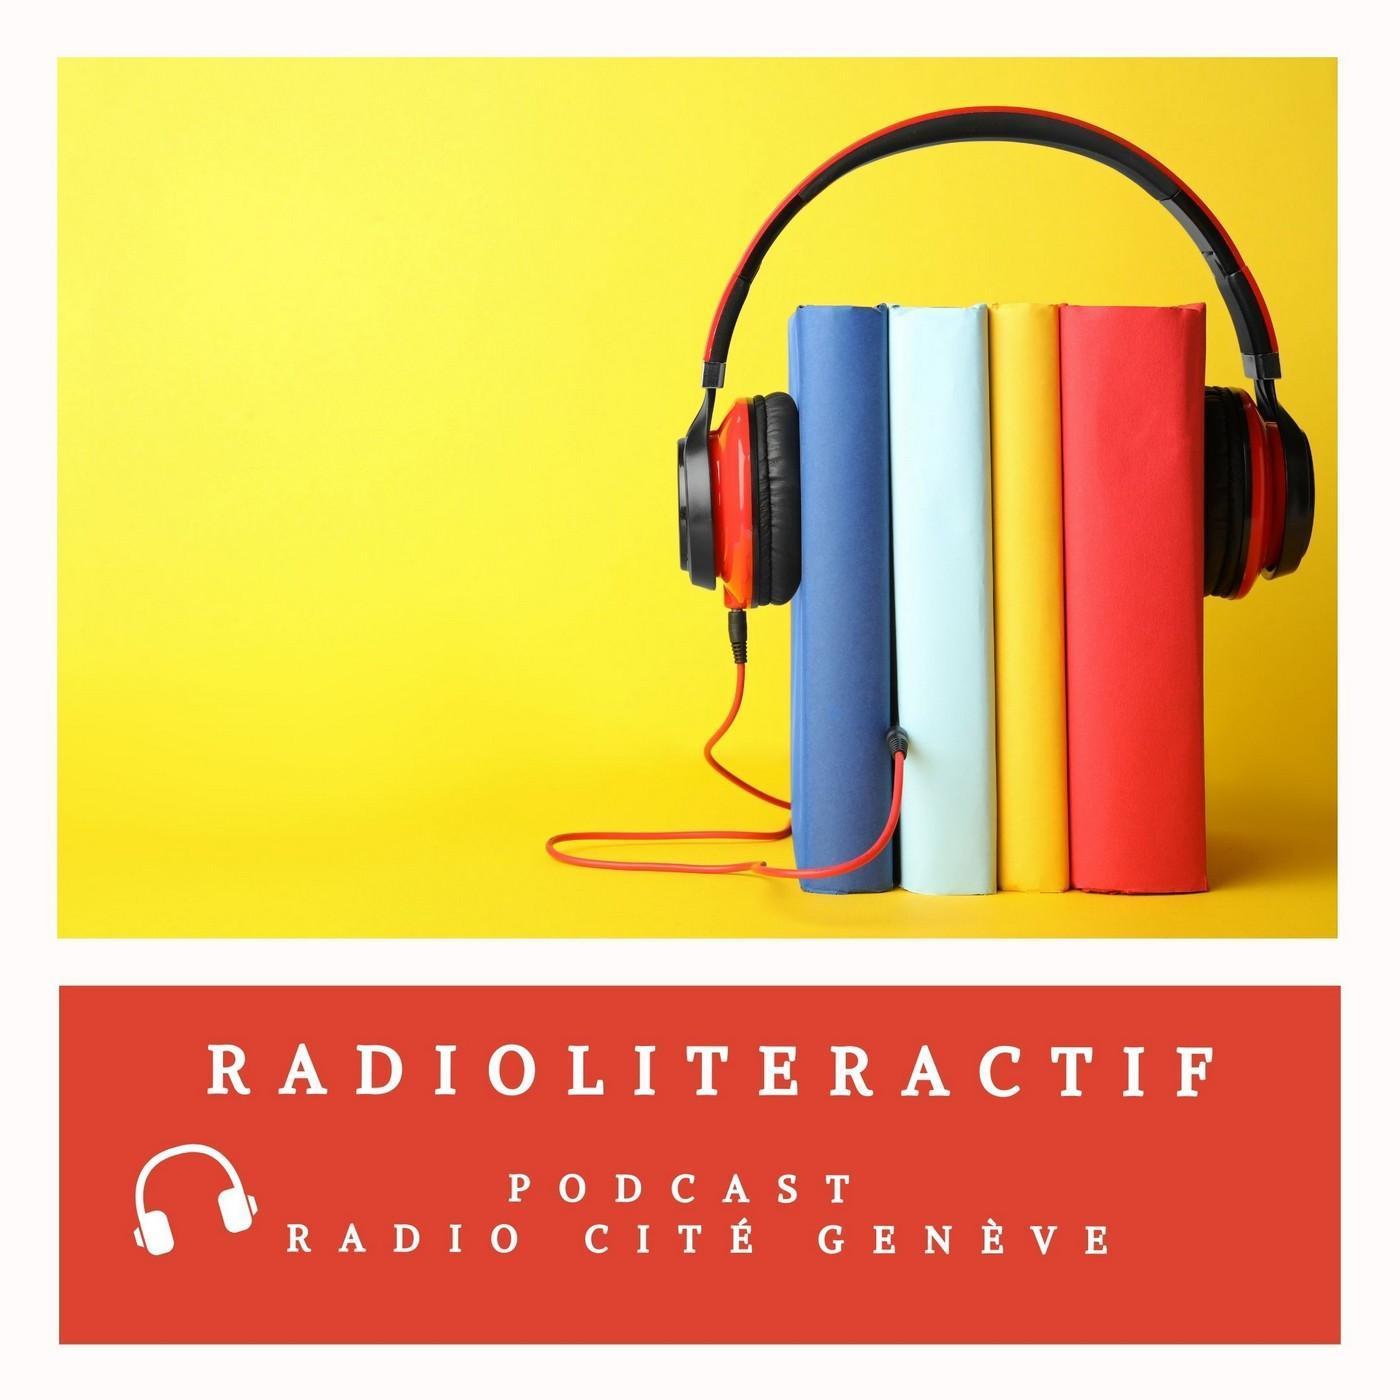 Radioliteractif du 03/05/2021 -Marie Beer